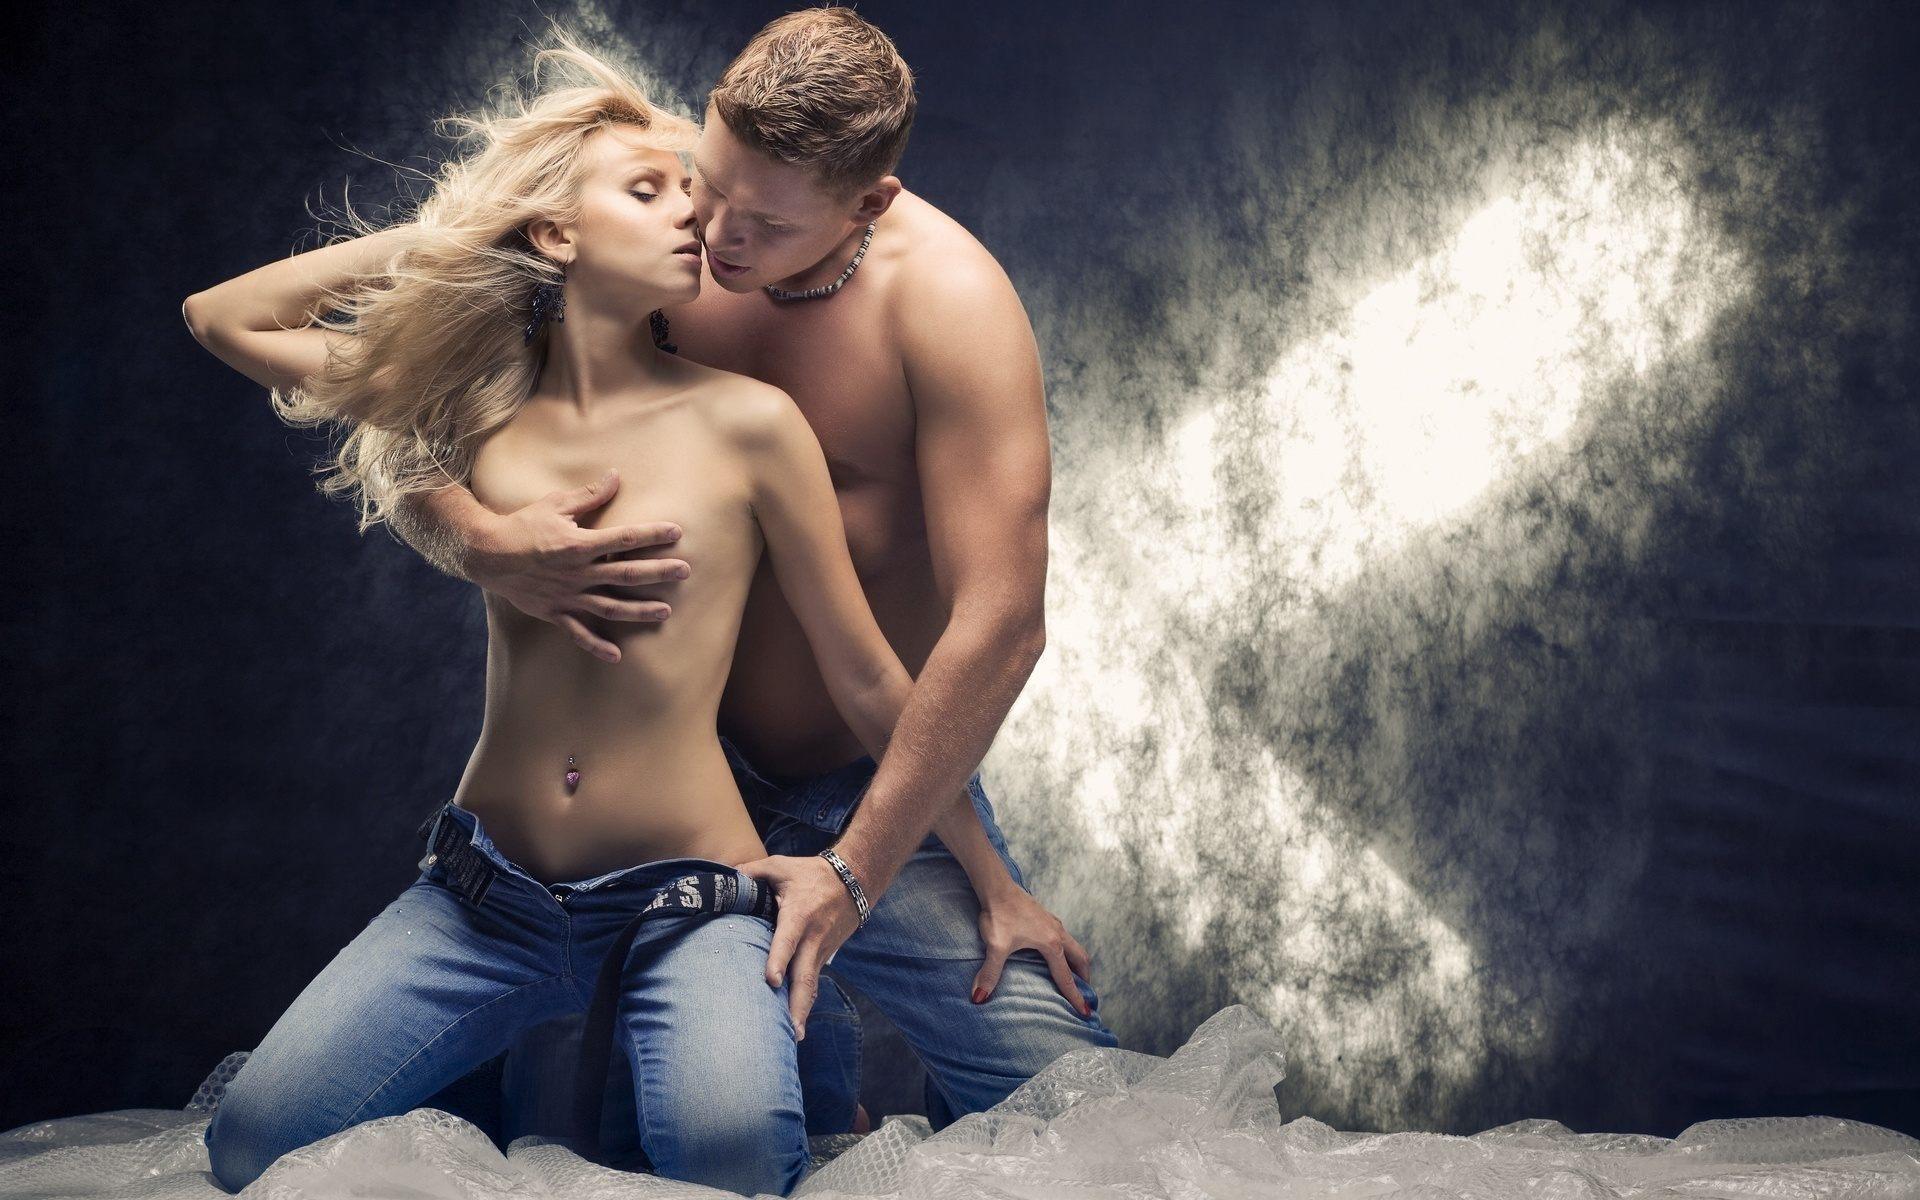 эротическая фотосессия мужчины с женщиной никого искать